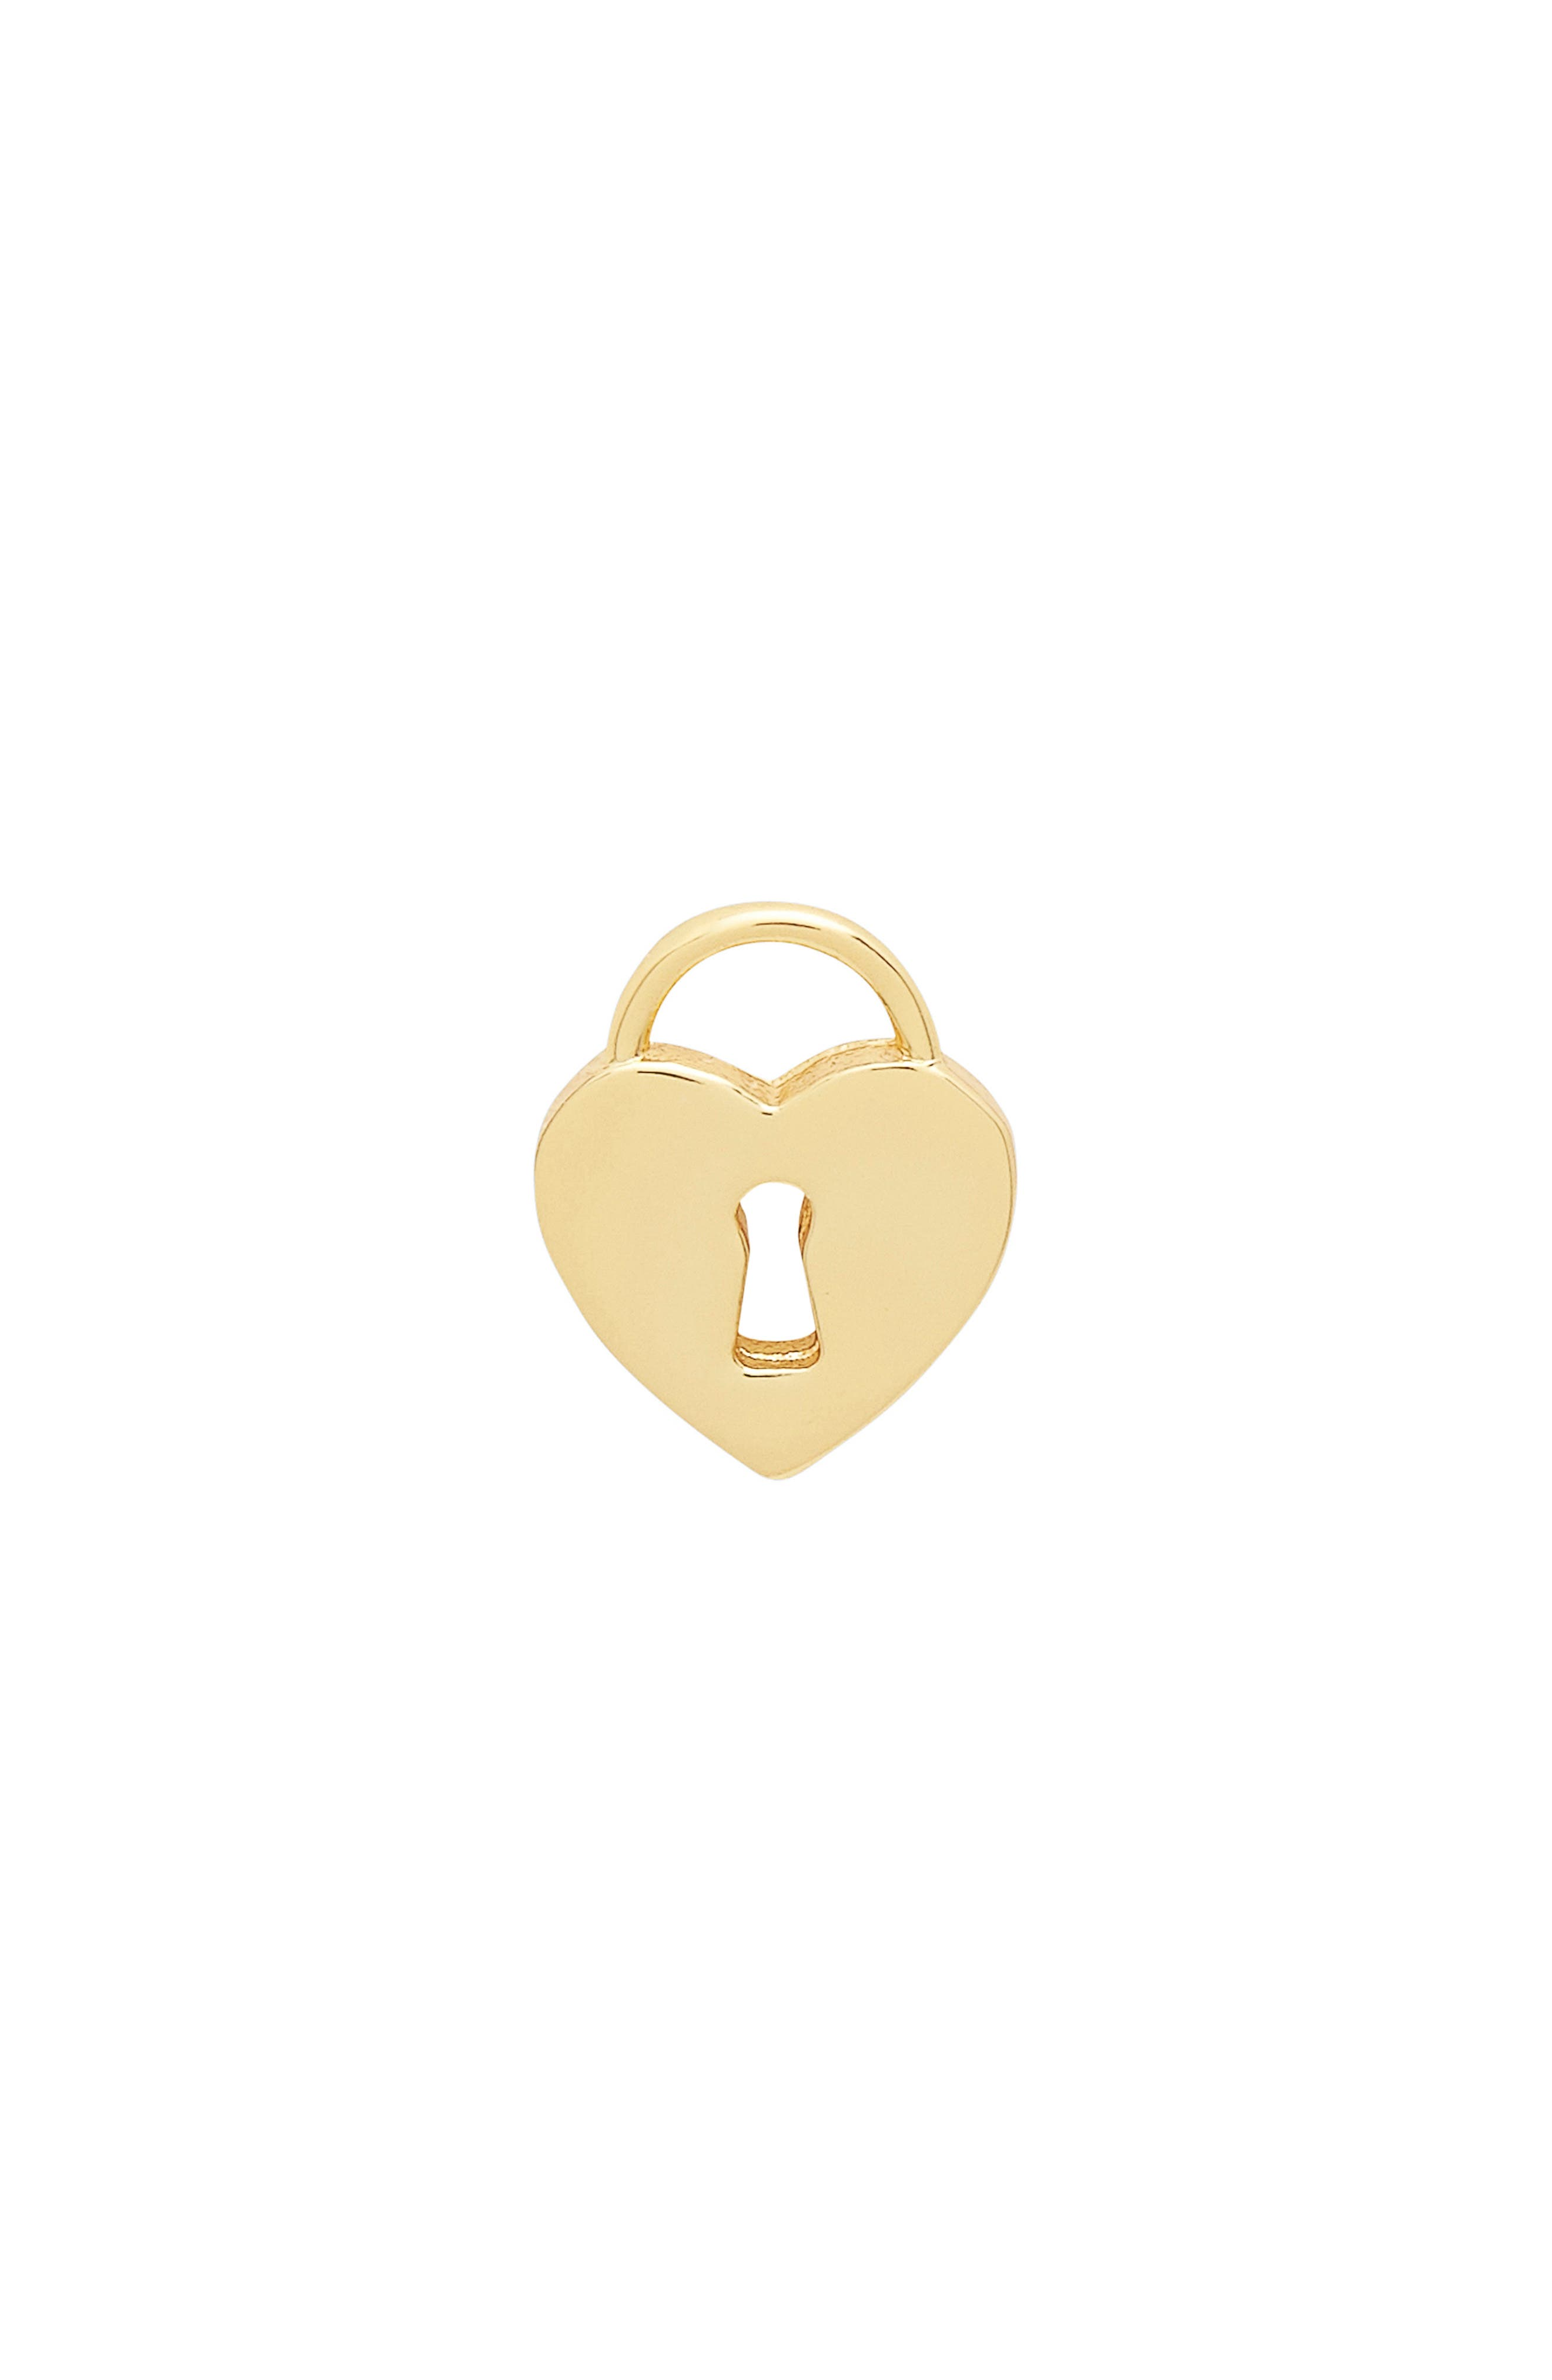 Single Heart Lock Stud Earring